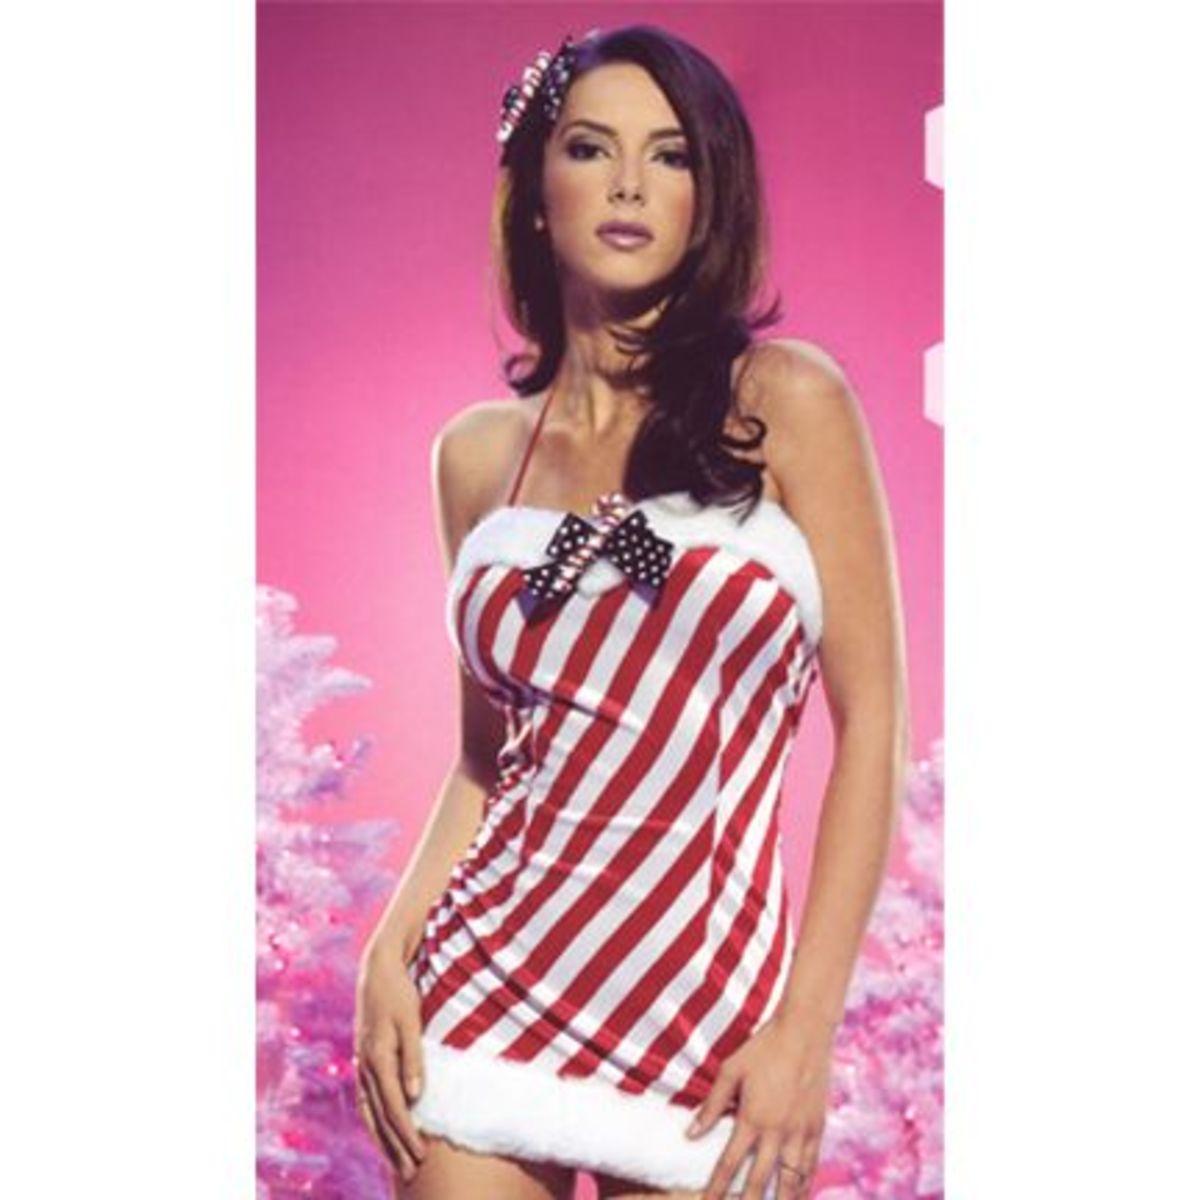 Candy Cane Clothing